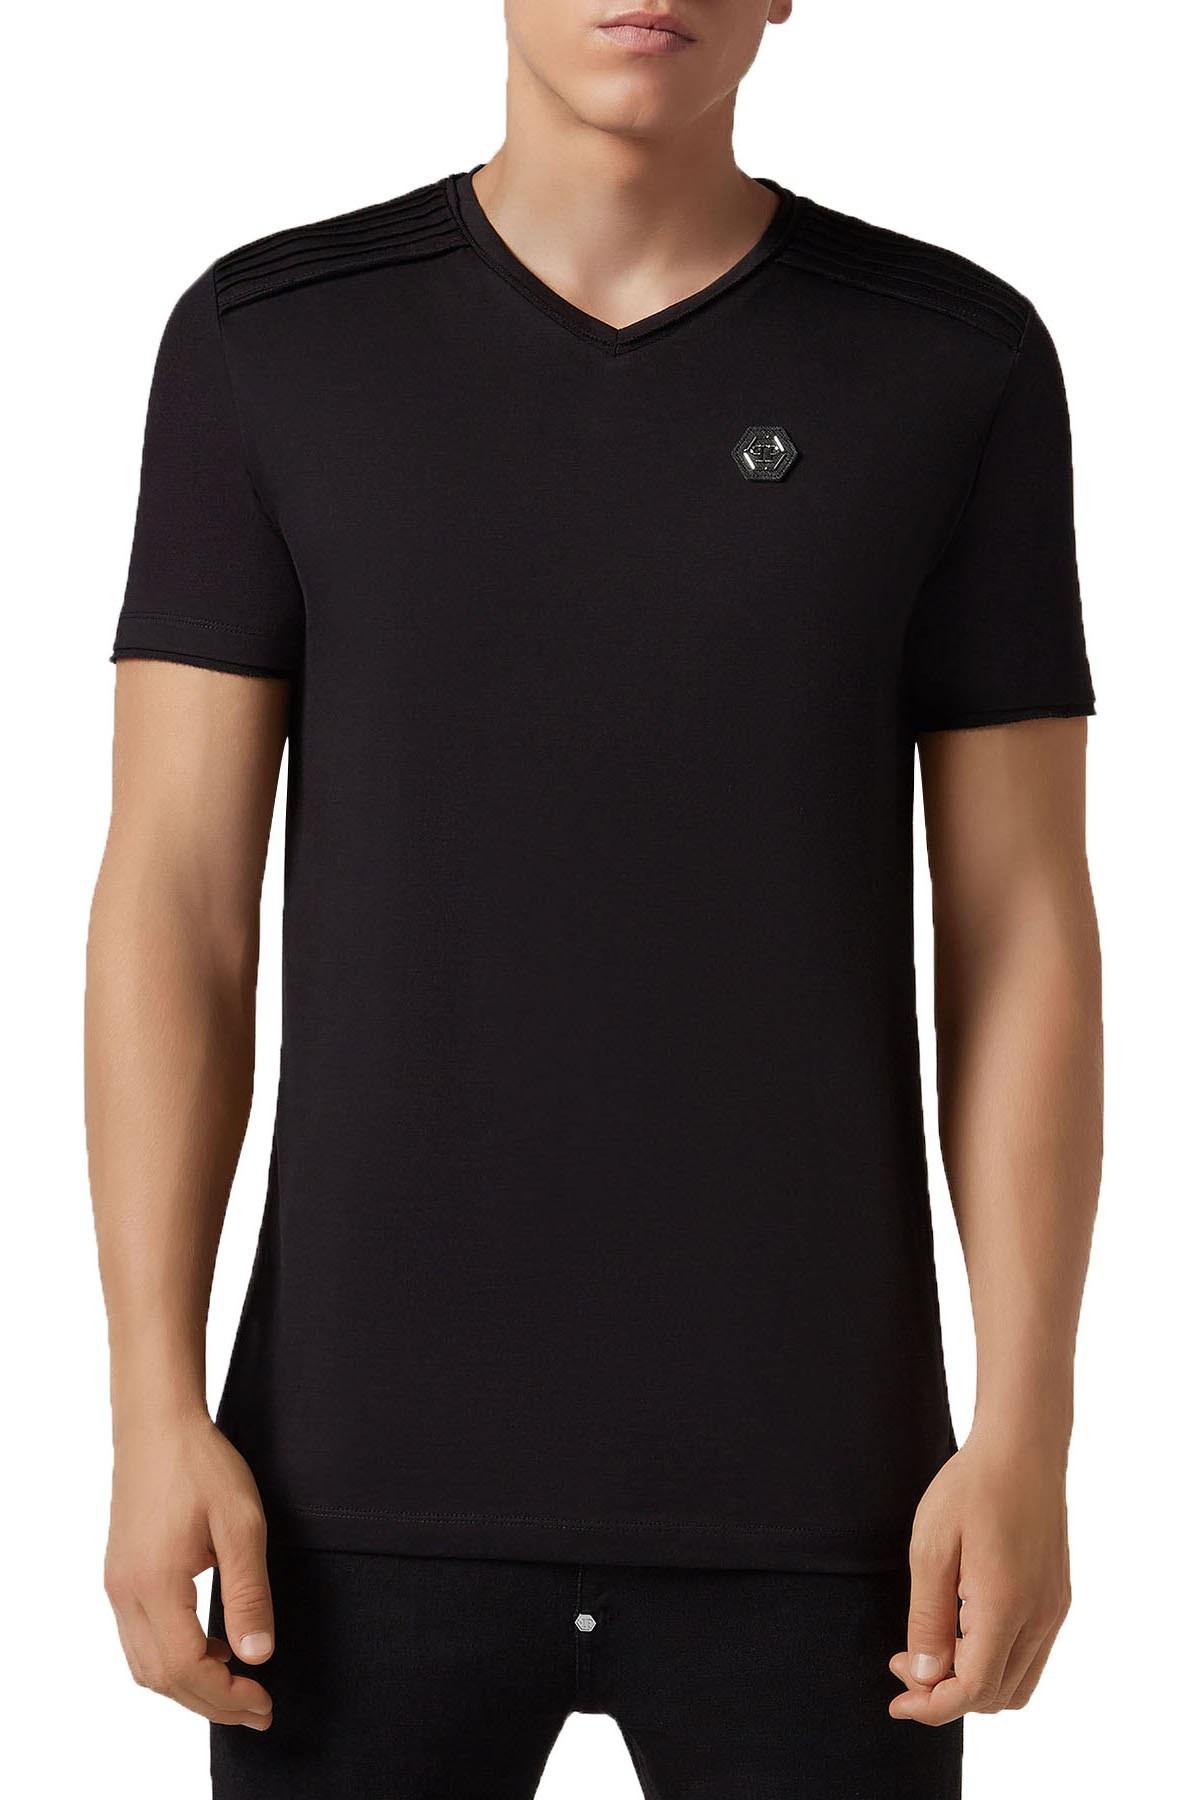 Philipp Plein Erkek T Shirt S19C MTK3027 PJY002N 02 SİYAH